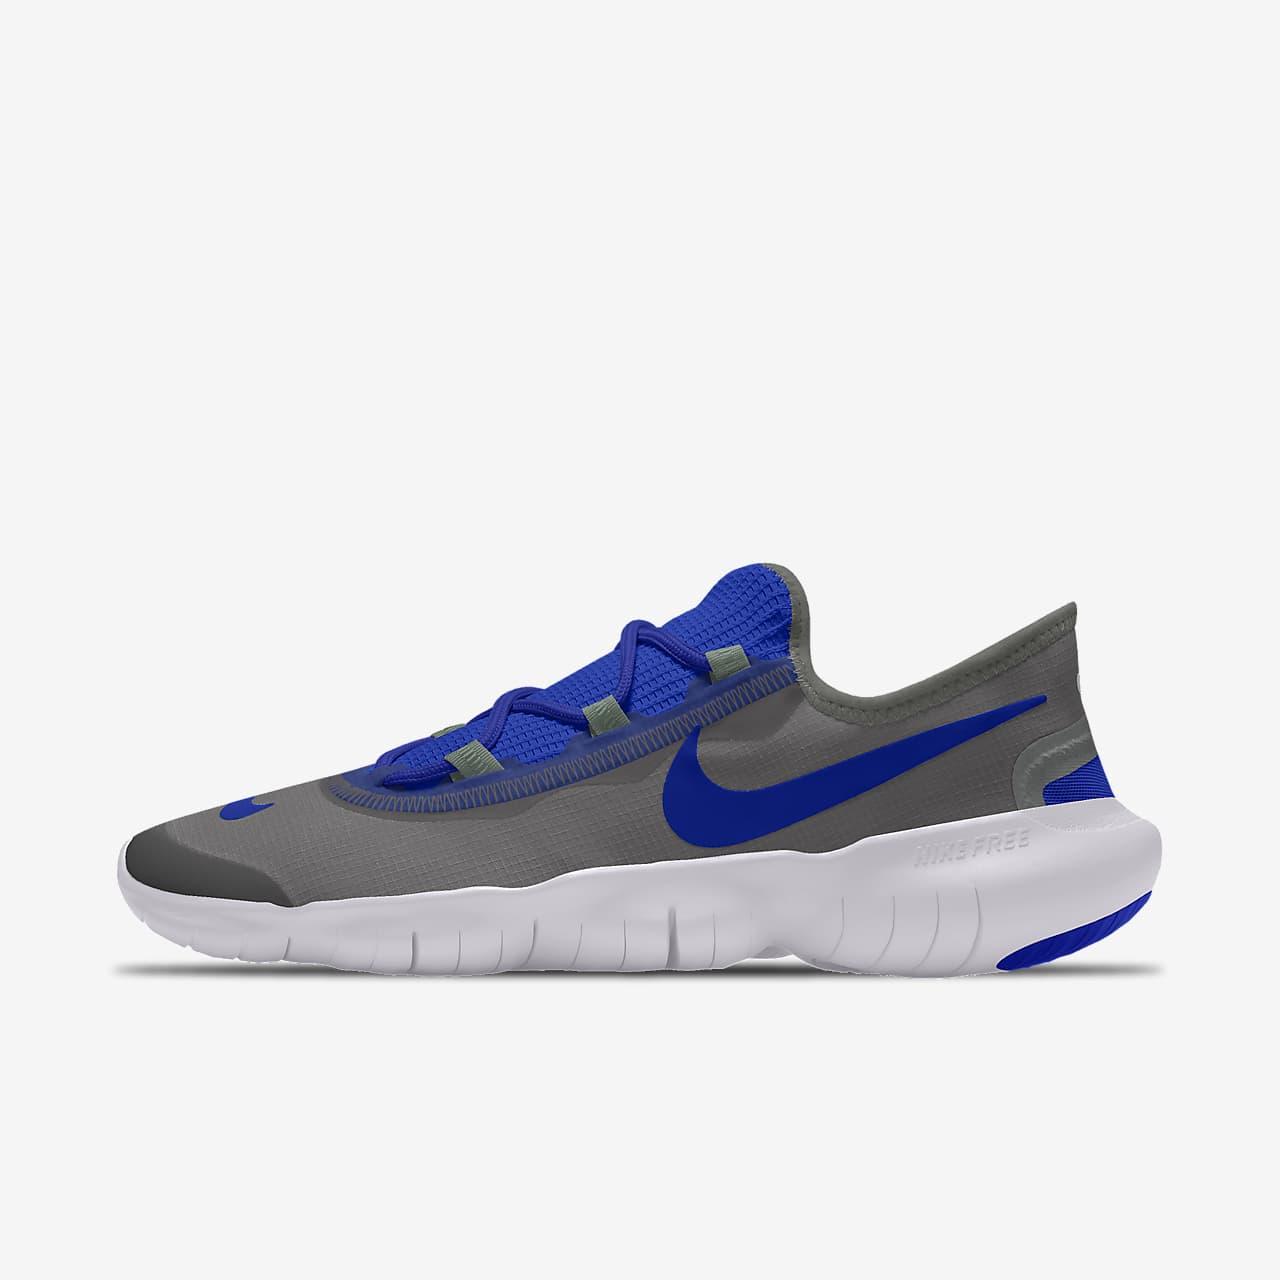 Nike Free RN 5.0 By You Custom Men's Running Shoe